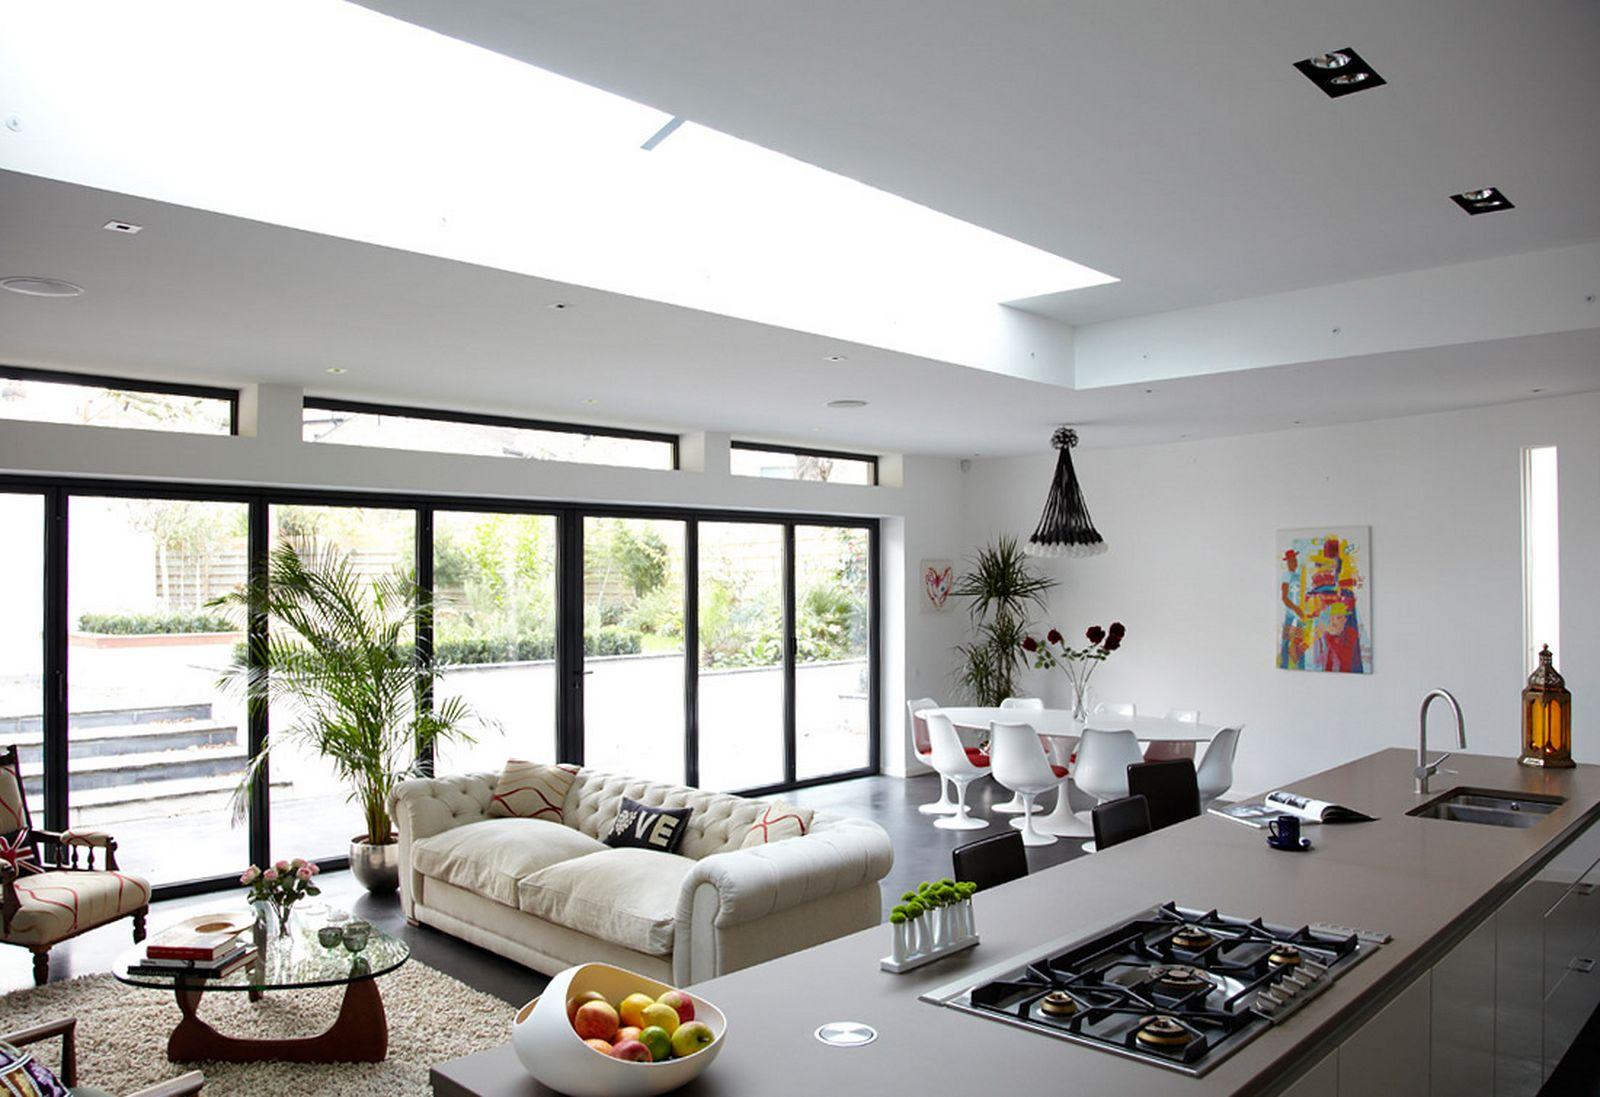 køkken-og-stue-kombineret-designs